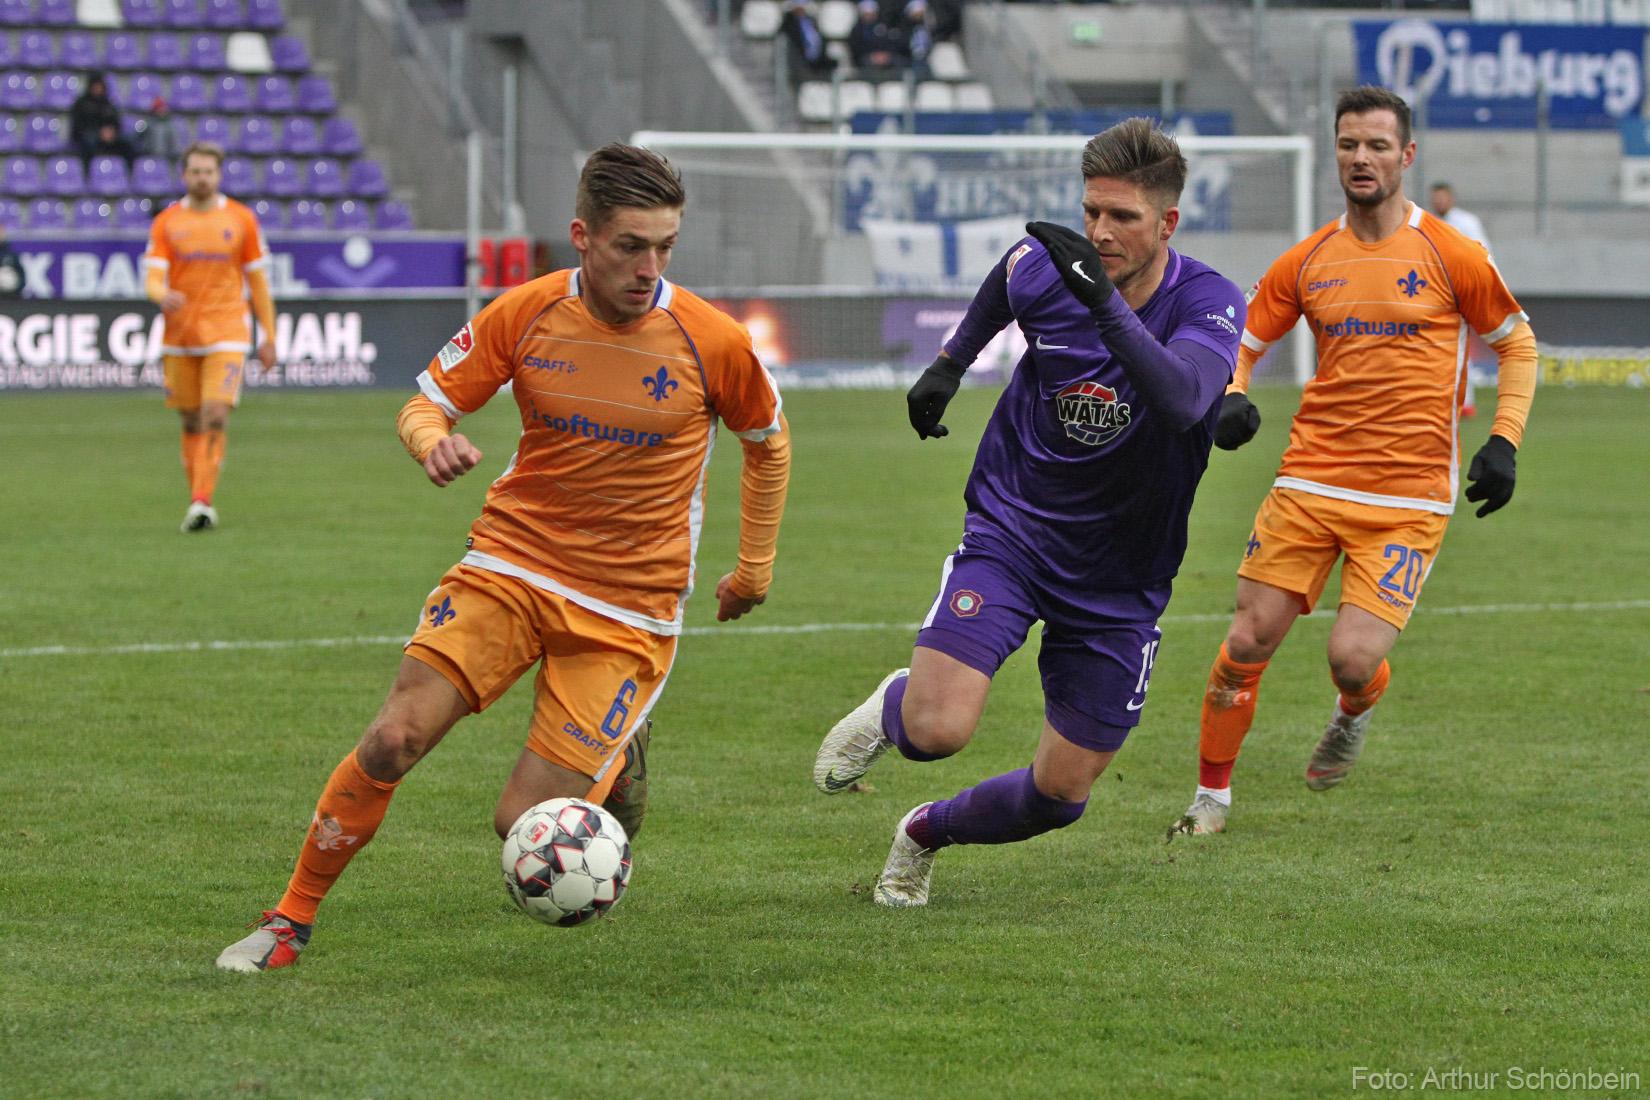 Erzgebirge Aue – SV Darmstadt 98 2:2 (0:0)